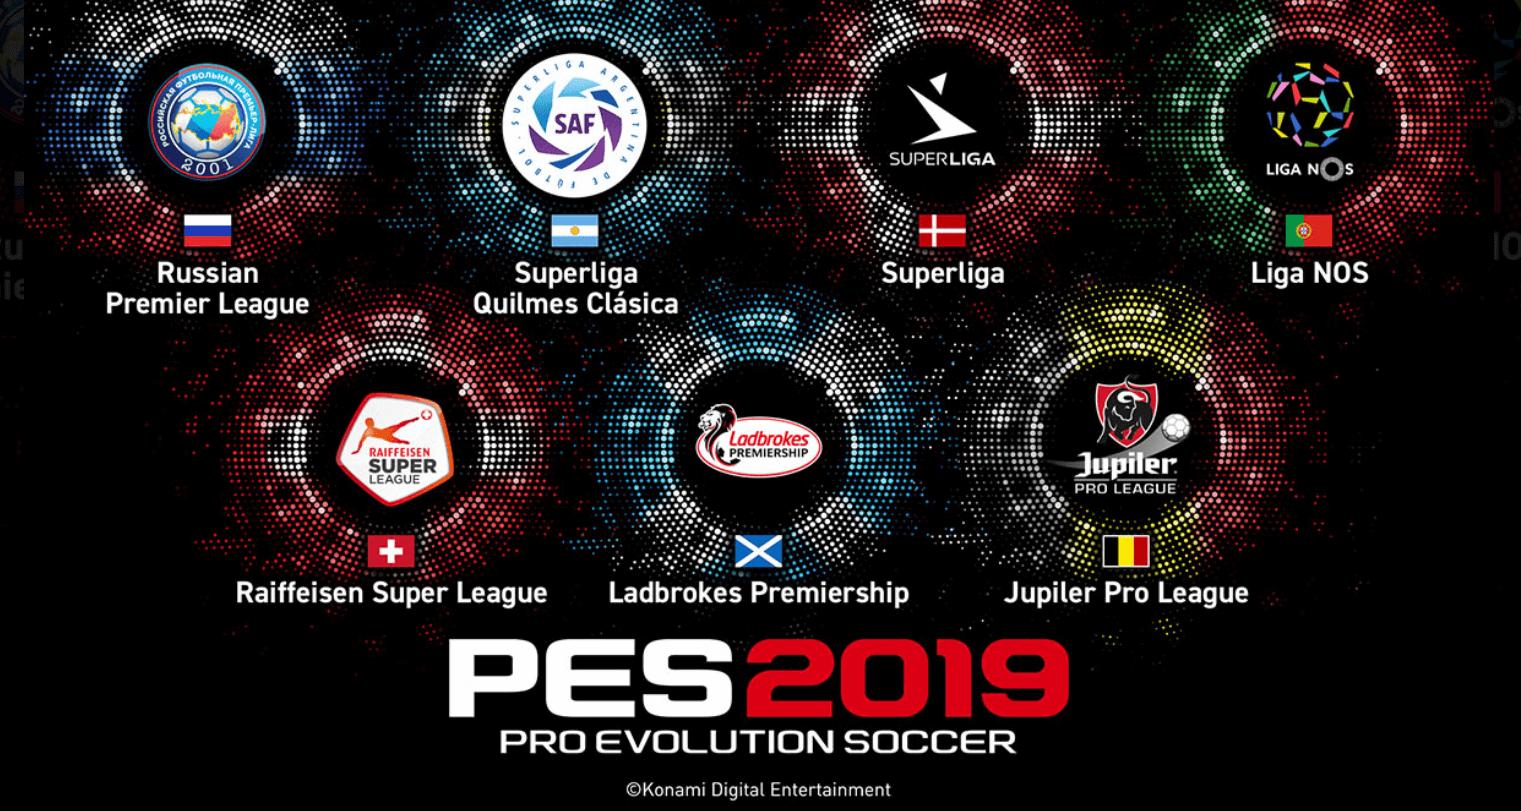 PES 2019 anuncia siete nuevas ligas licenciadas